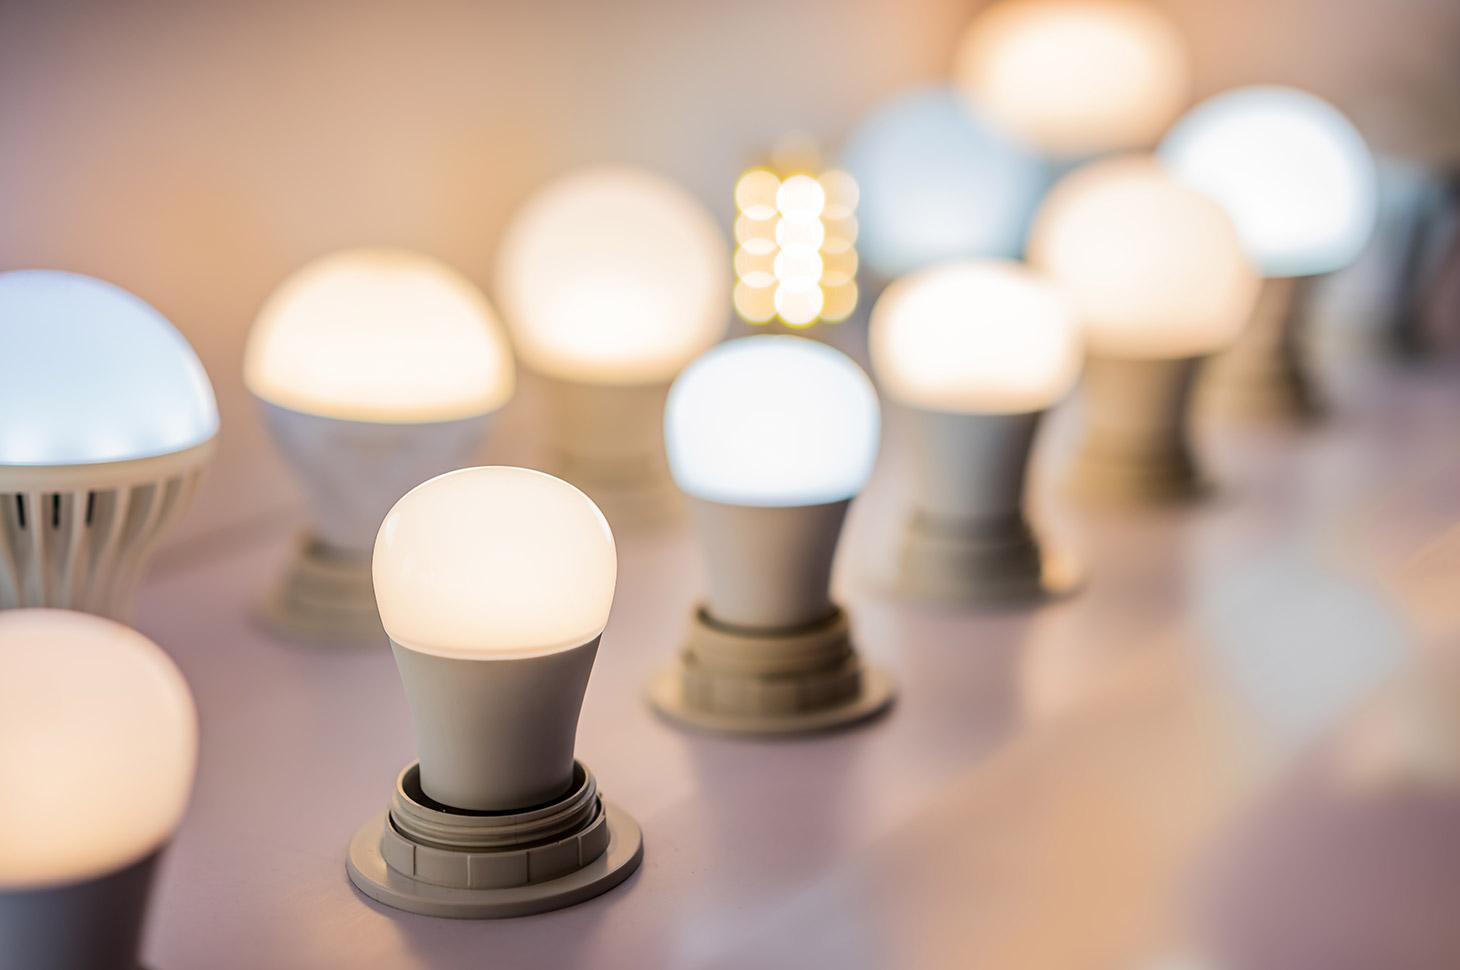 Conseguir la iluminación adecuada es una de las formas más eficaces de crear un entorno cómodo